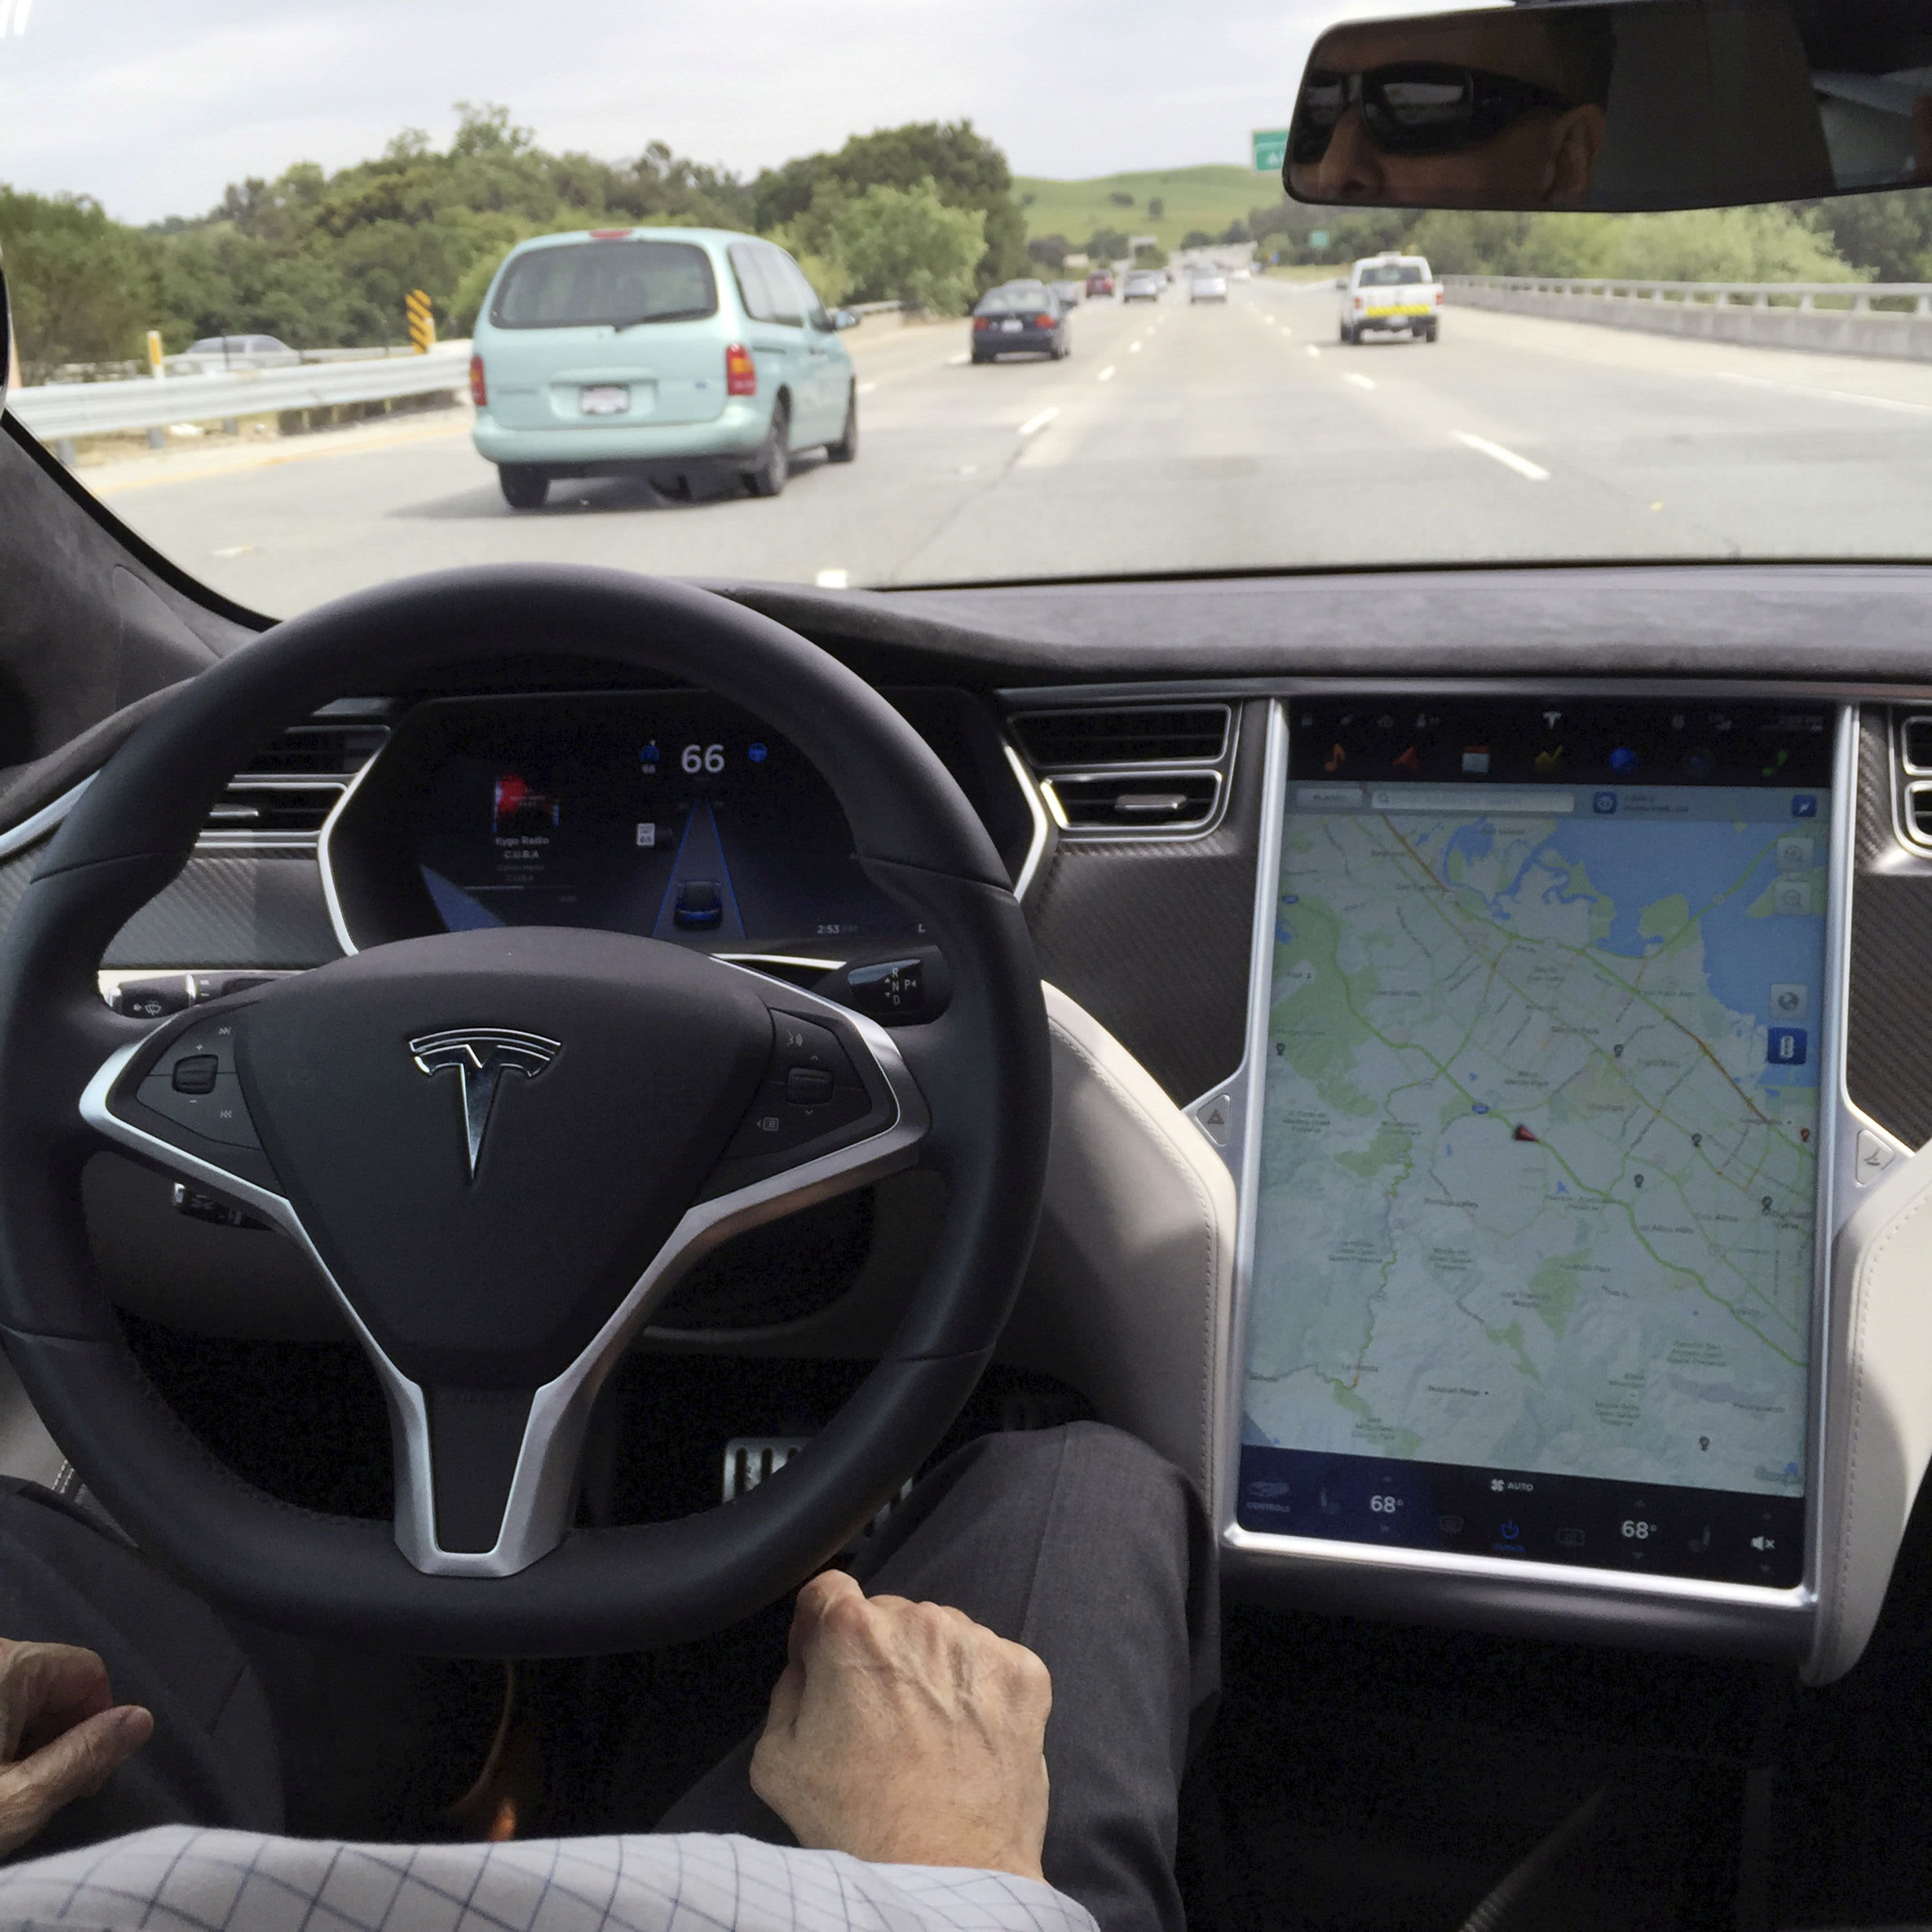 Tesla membuang radar, akan mengandalkan kamera untuk Autopilot di beberapa kendaraan thumbnail